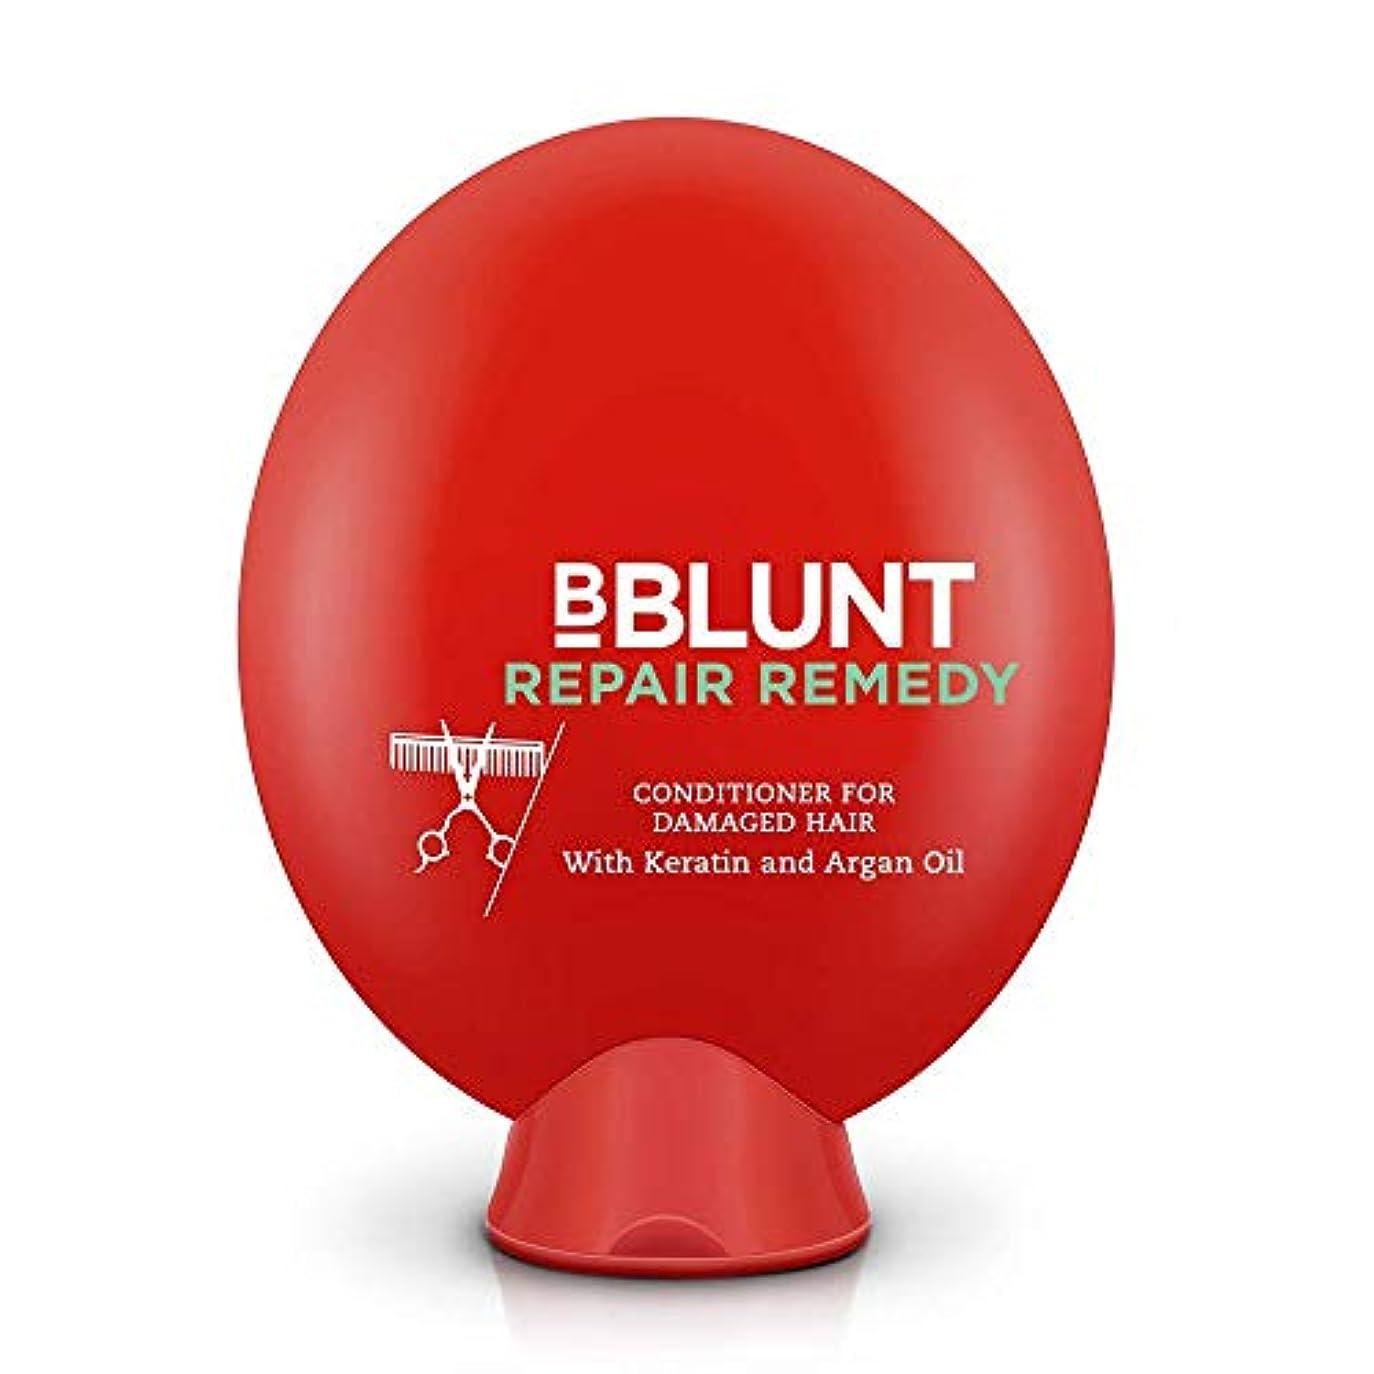 溶融気候韓国語BBLUNT Repair Remedy Conditioner for Damaged Hair, 200g (Keratin and Argan Oil)